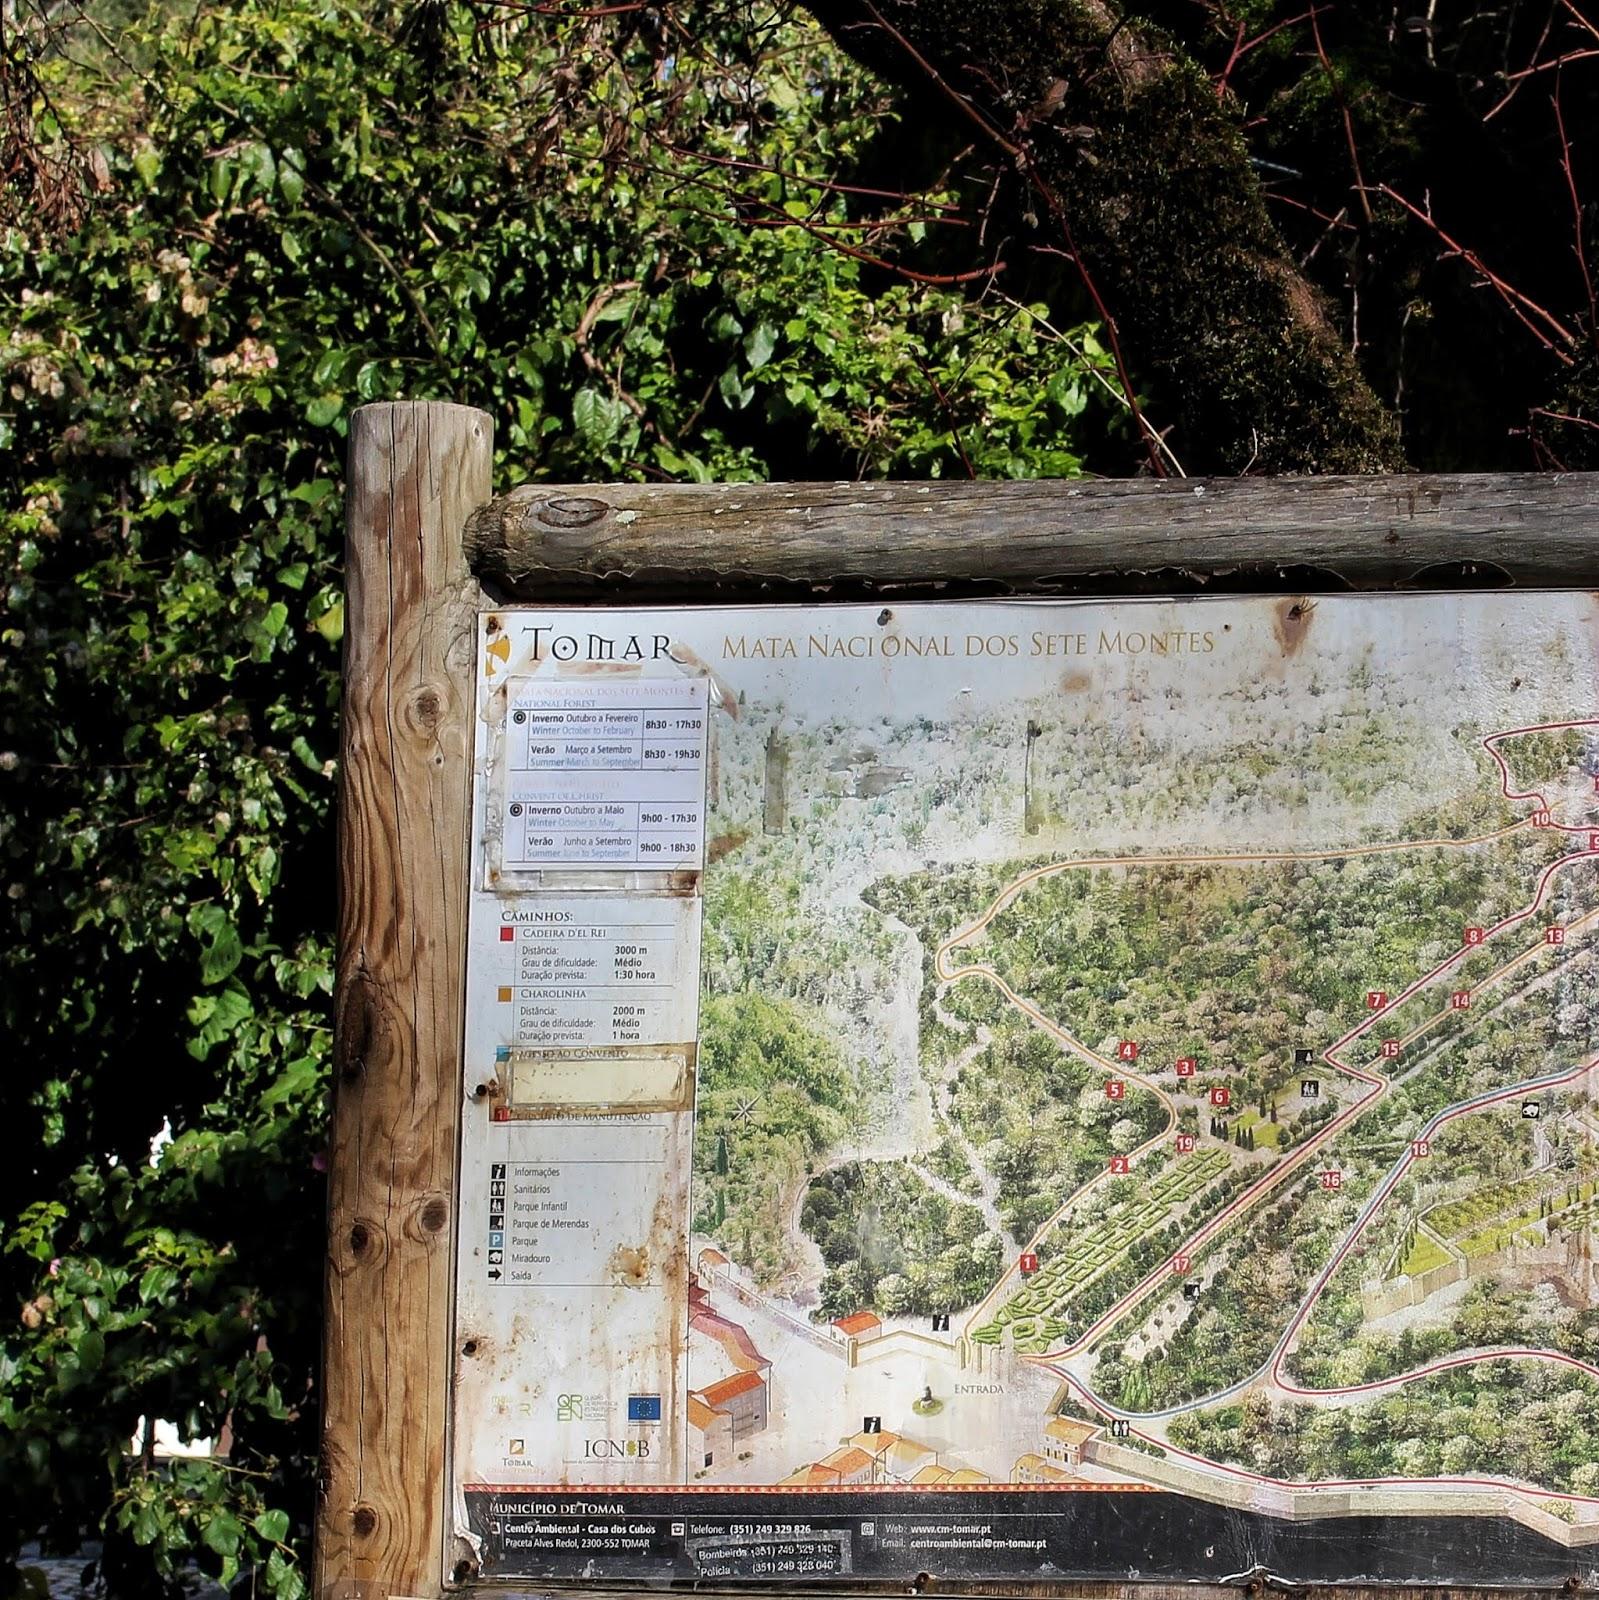 Cerca Conventual: Mata Nacional dos Sete Montes, Tomar